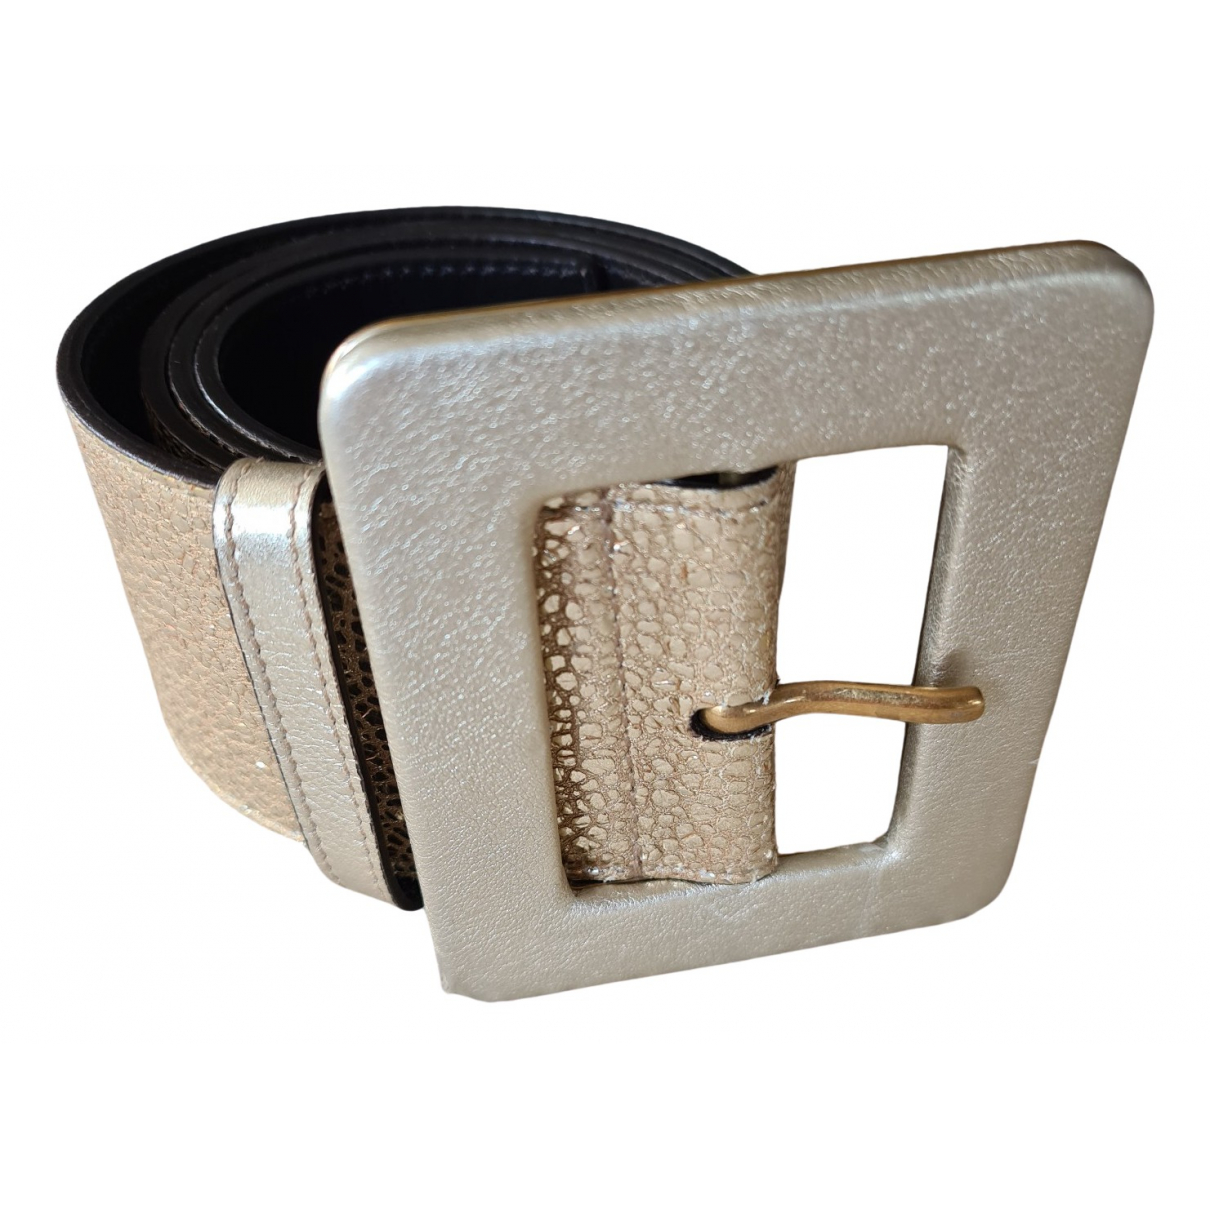 Yves Saint Laurent \N Gold Leather belt for Women 85 cm